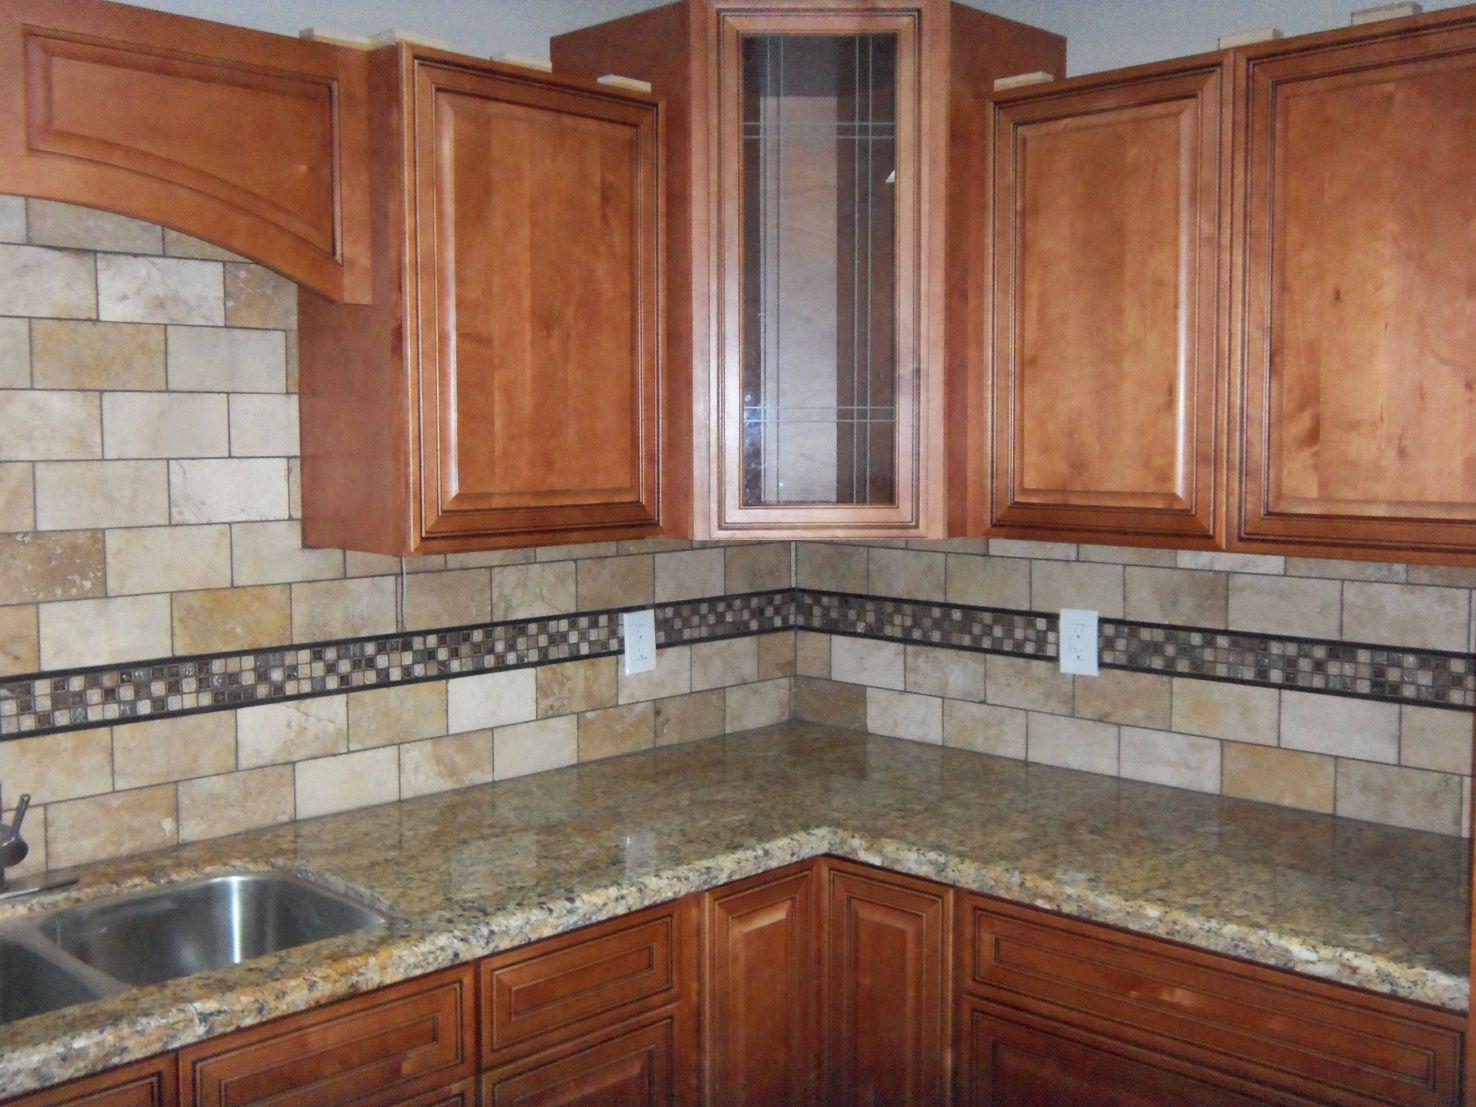 99 Remove Stains Granite Countertop Small Kitchen island Ideas